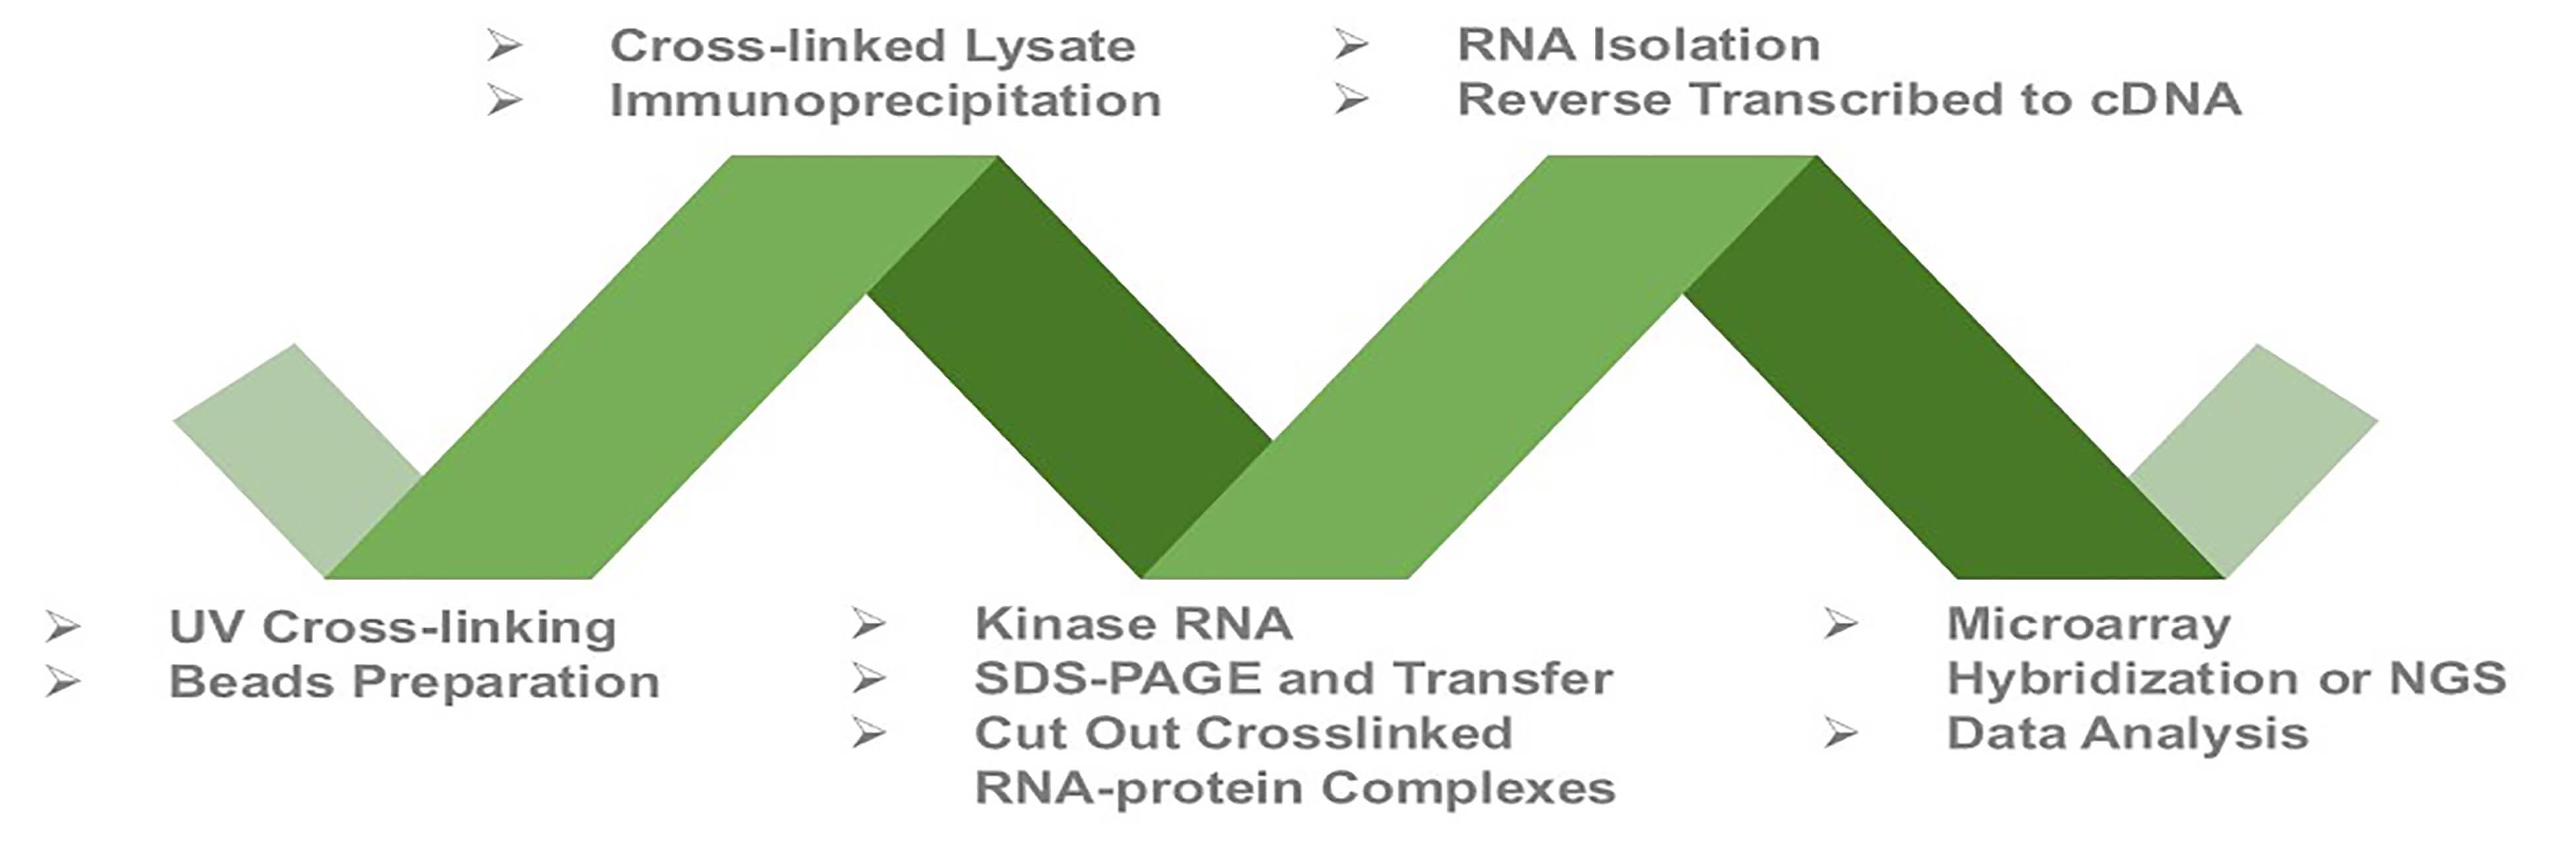 Categories of Crosslinking-immunoprecipitation (CLIP)